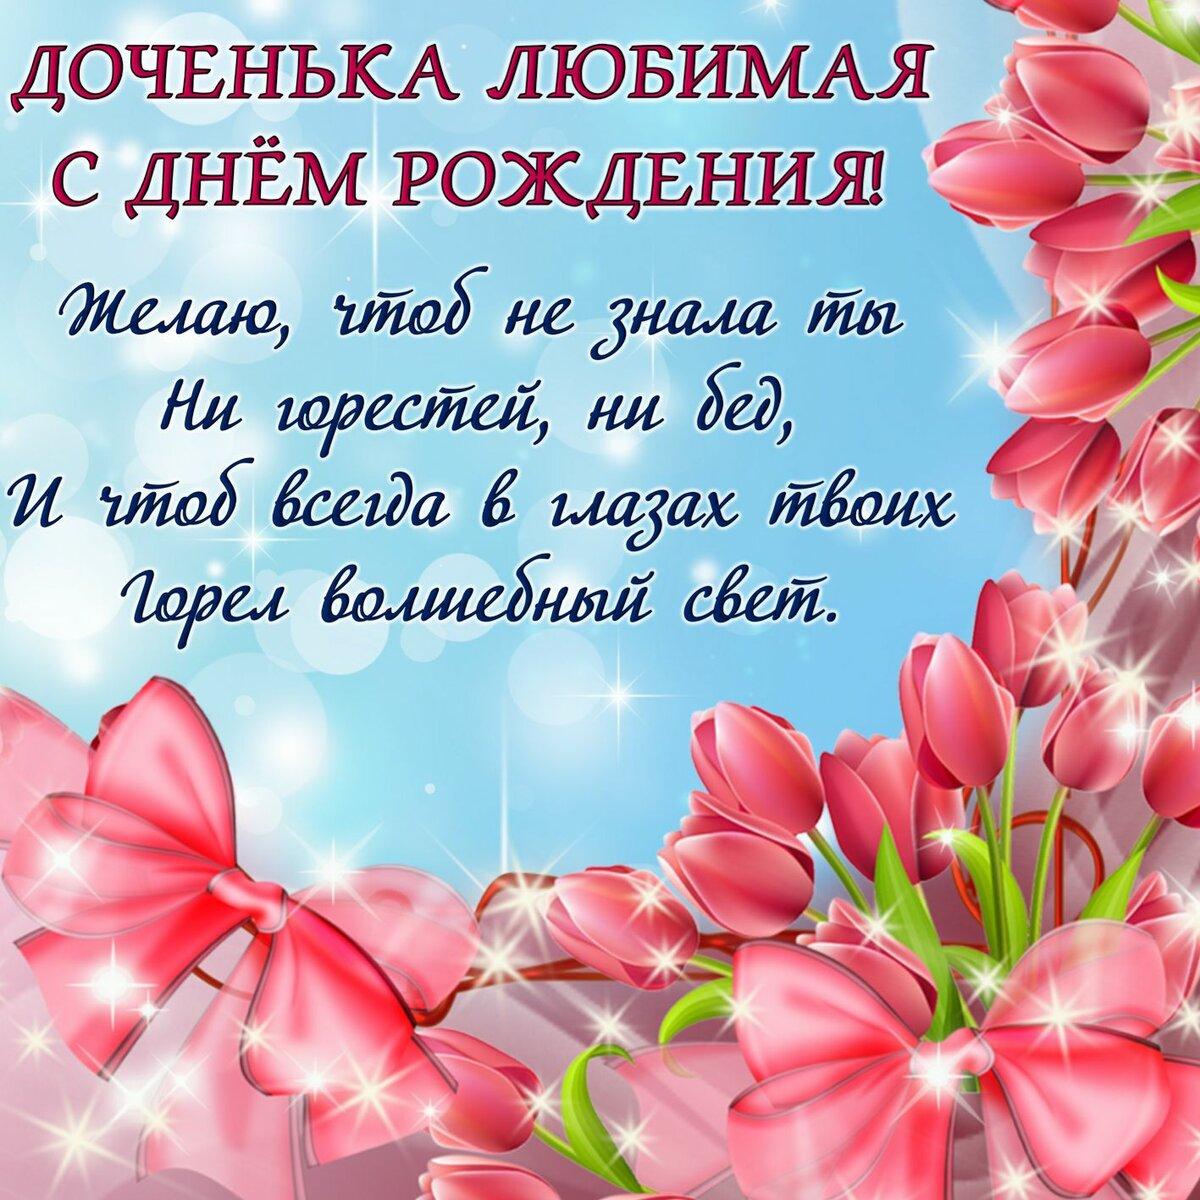 Красивая открытка с днем рождения дочери с цветами, поздравление благовещением